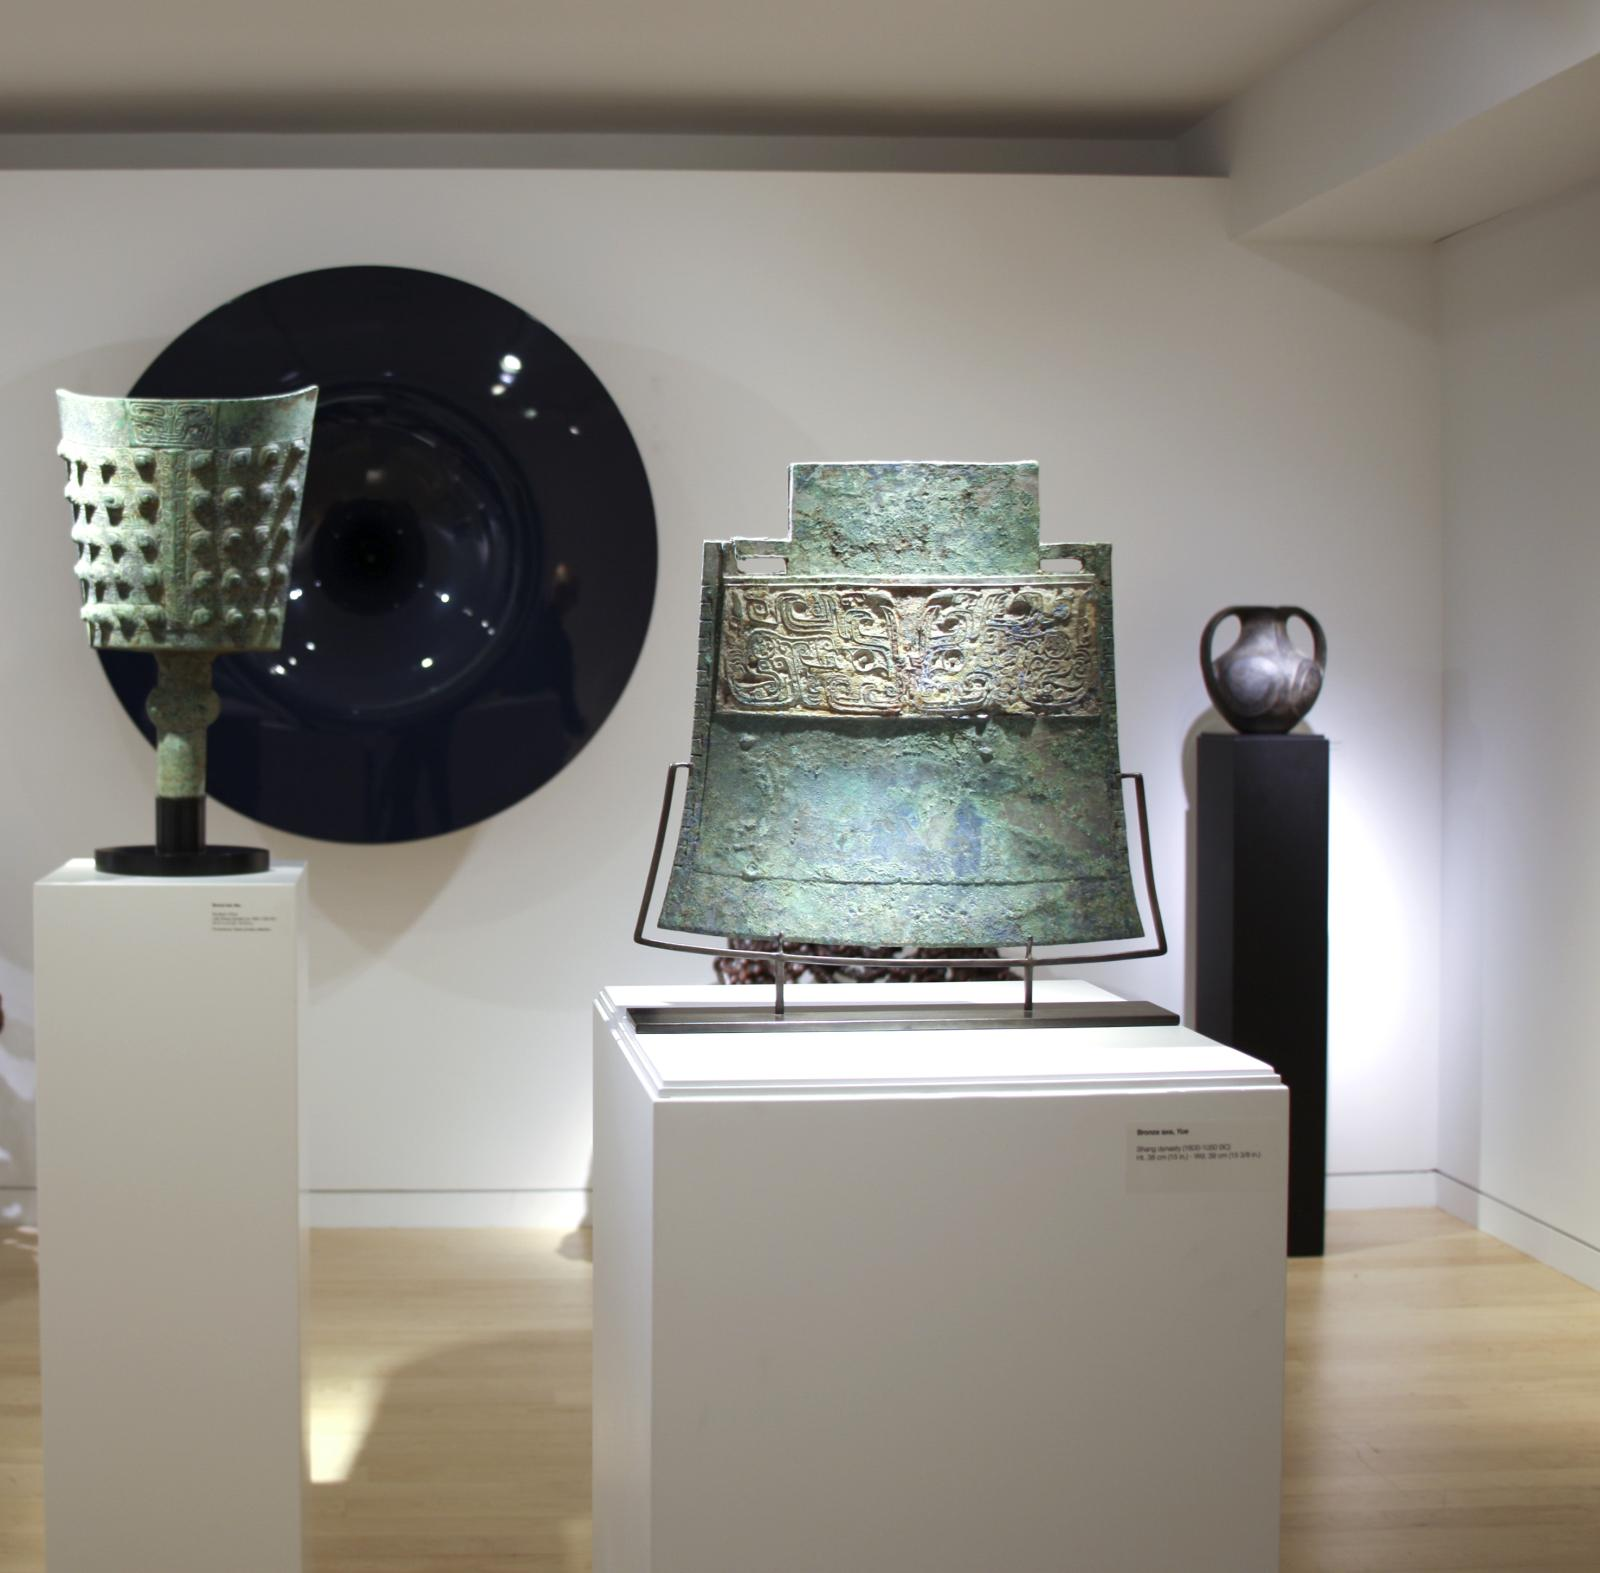 Exposition à la galerie Gagosian de New York, mars 2017, réunissant des pièces chinoises de Gisèle Croës et des œuvres d'Anish Kapoor, Richard Serra o